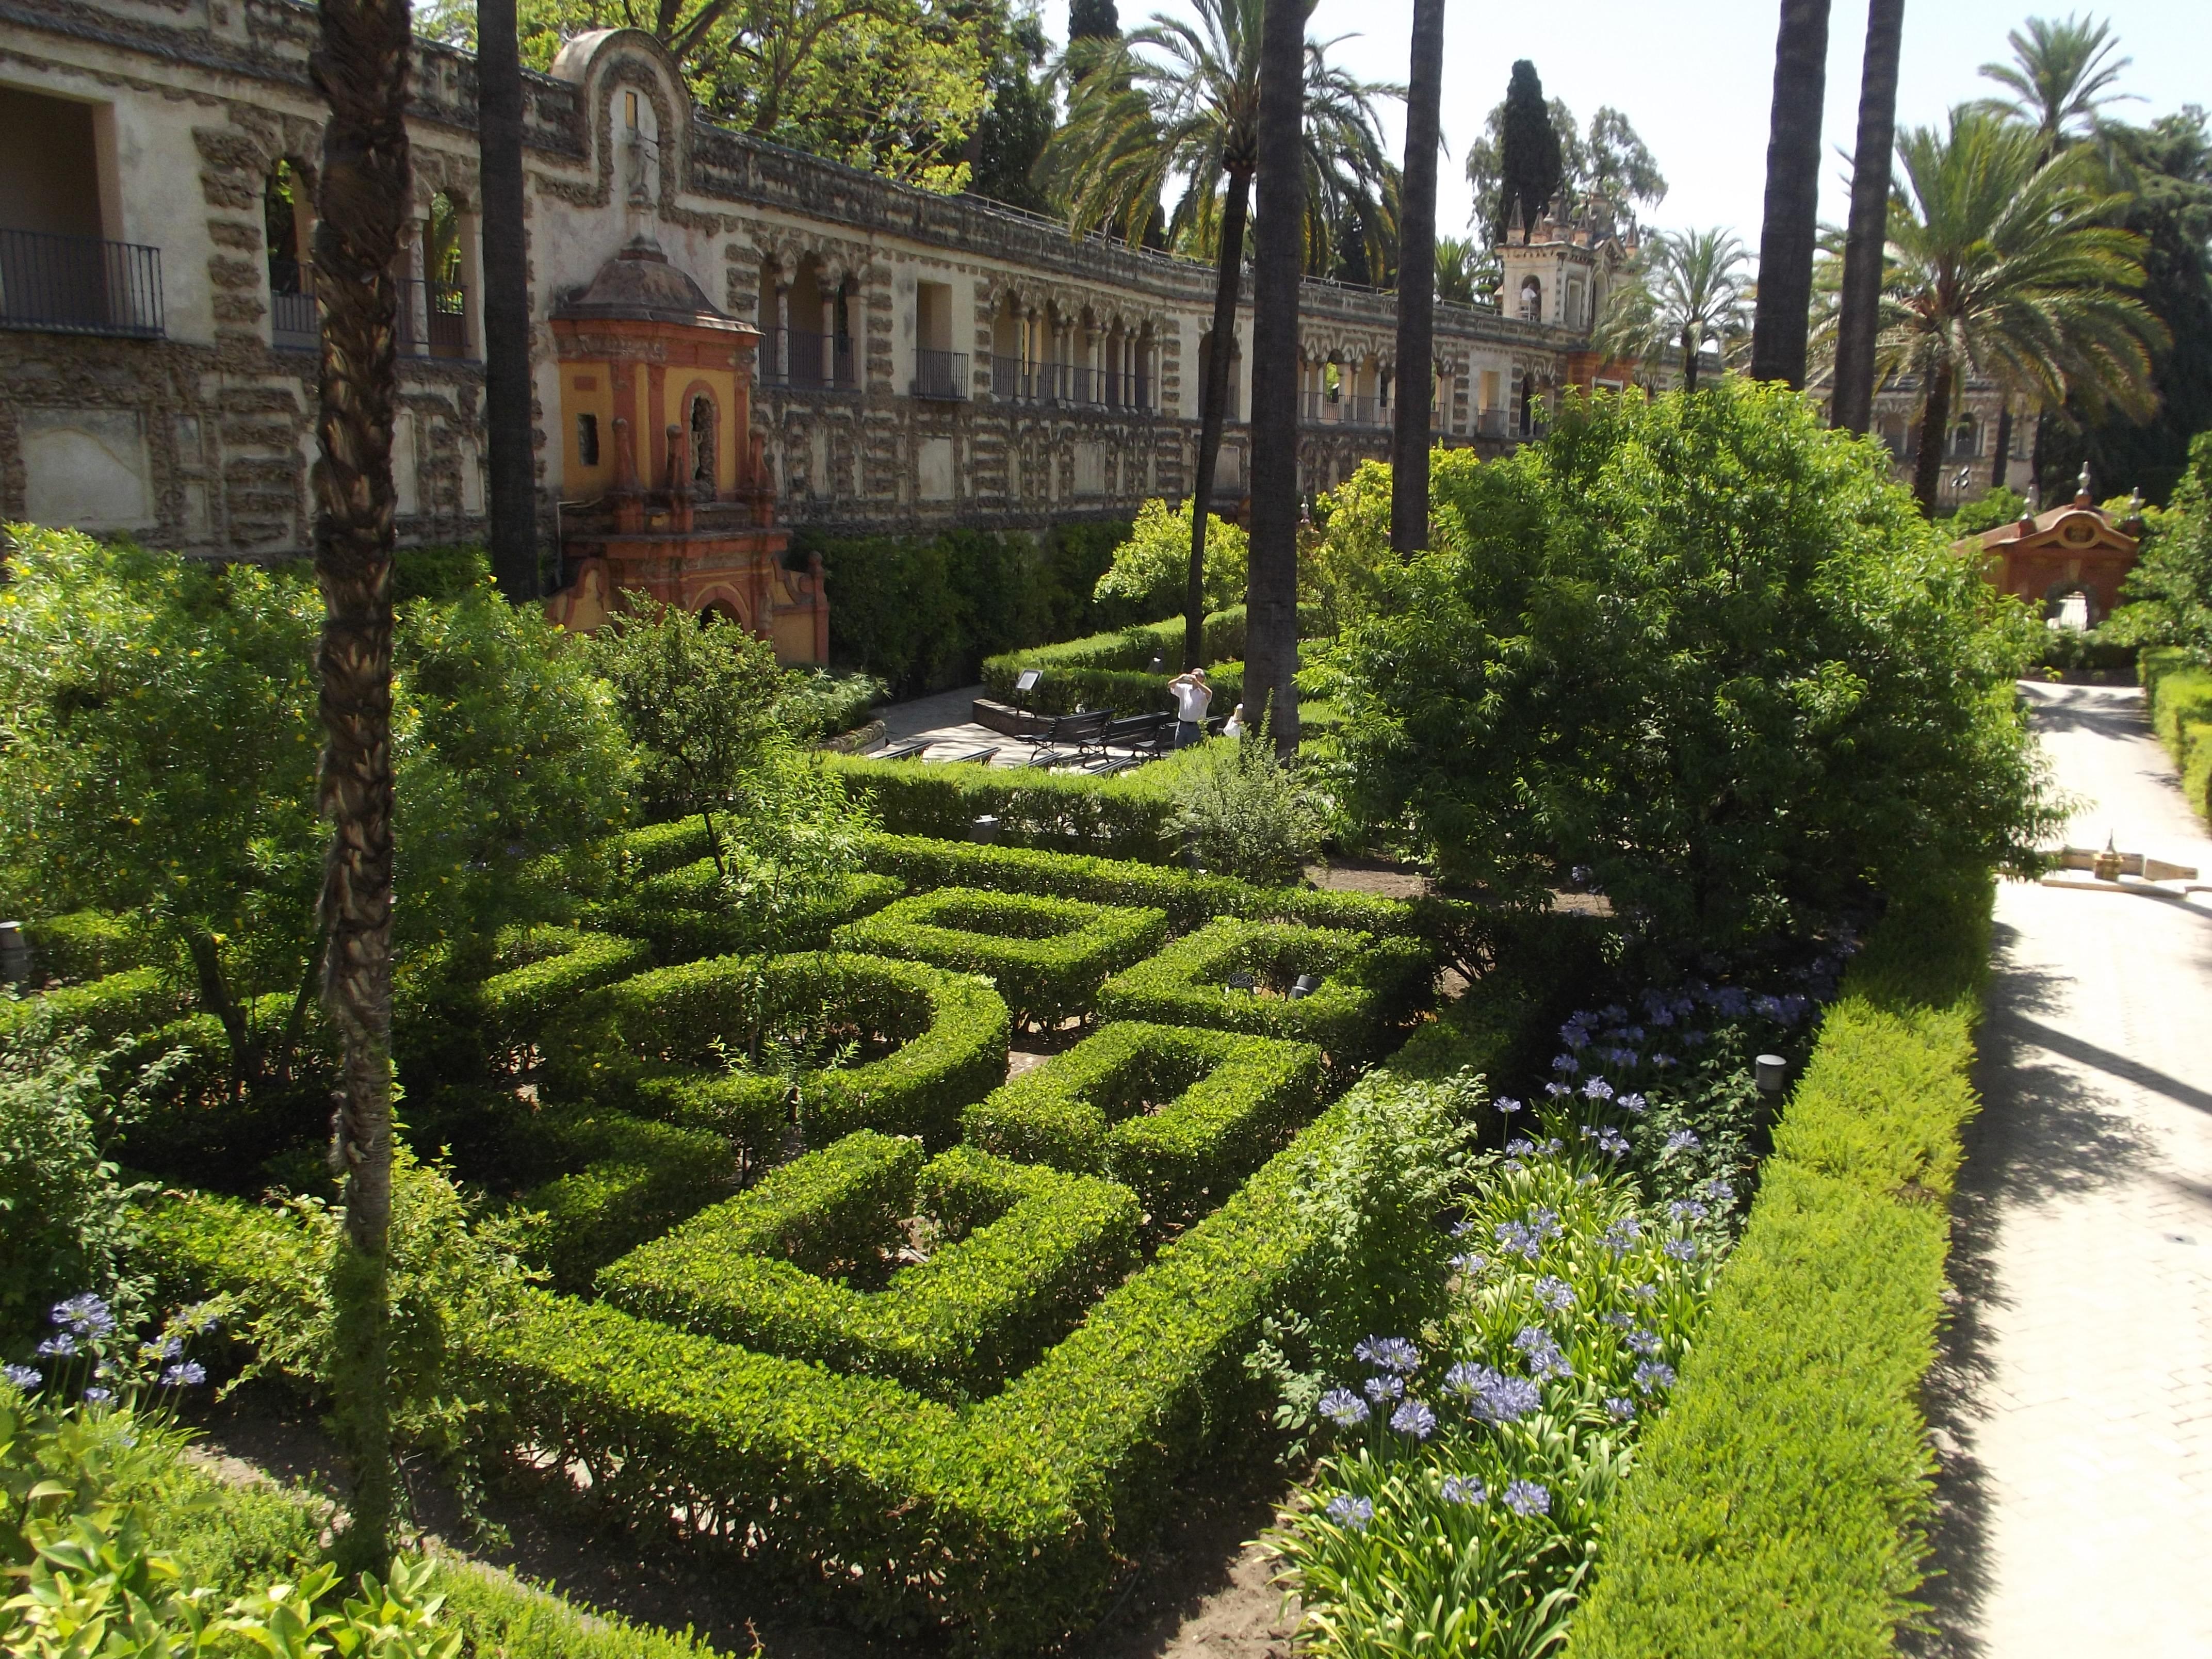 Los 5 mejores diseños de jardines de España - Greenthia